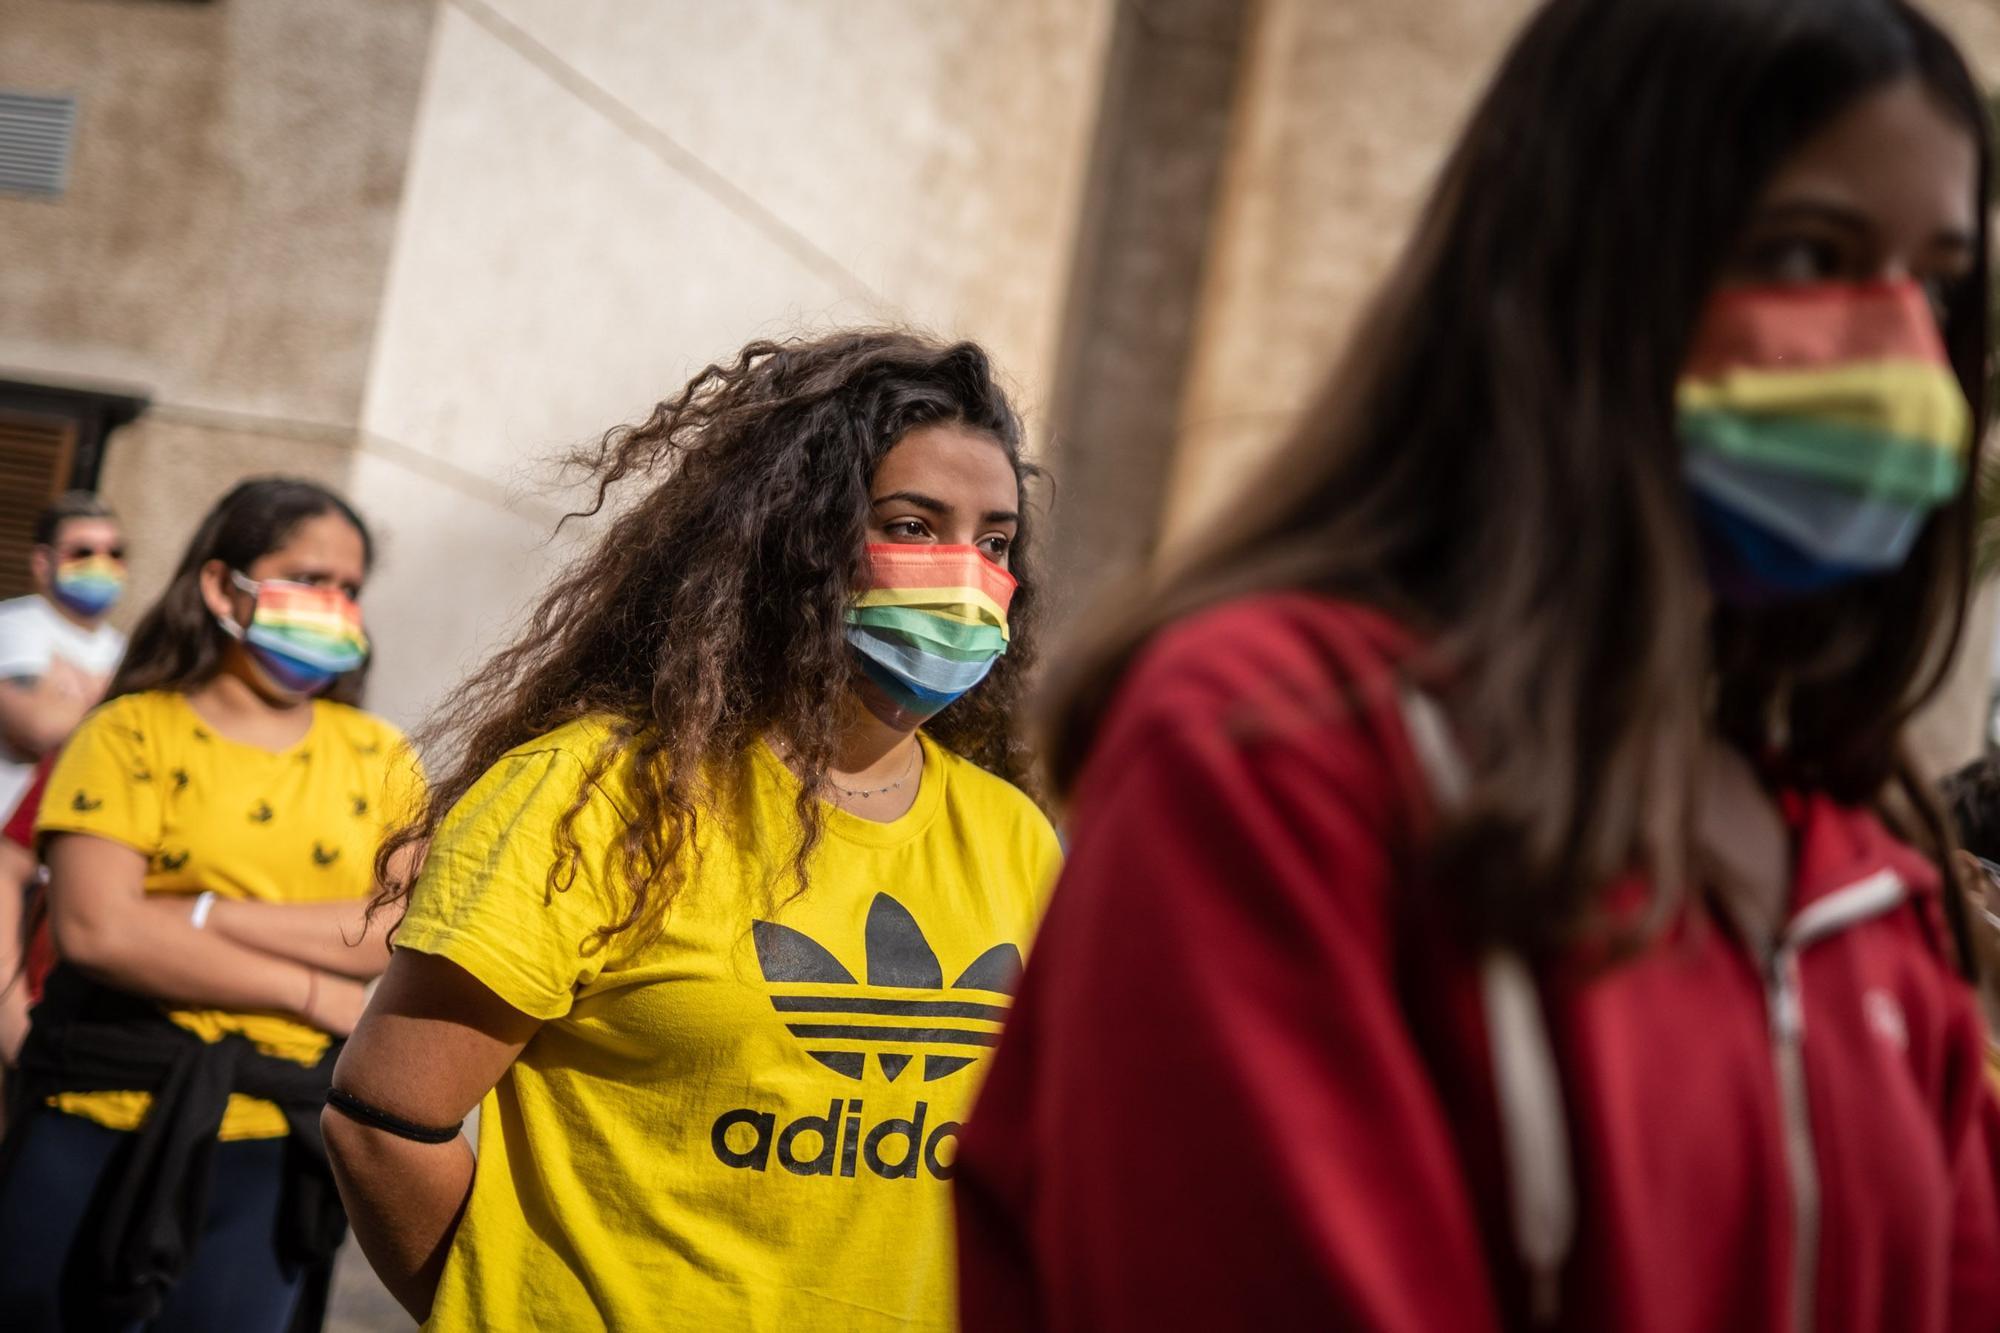 La consejera de Educación, Manuela Armas, participa en los actos del Día contra la LGTBIfobia+